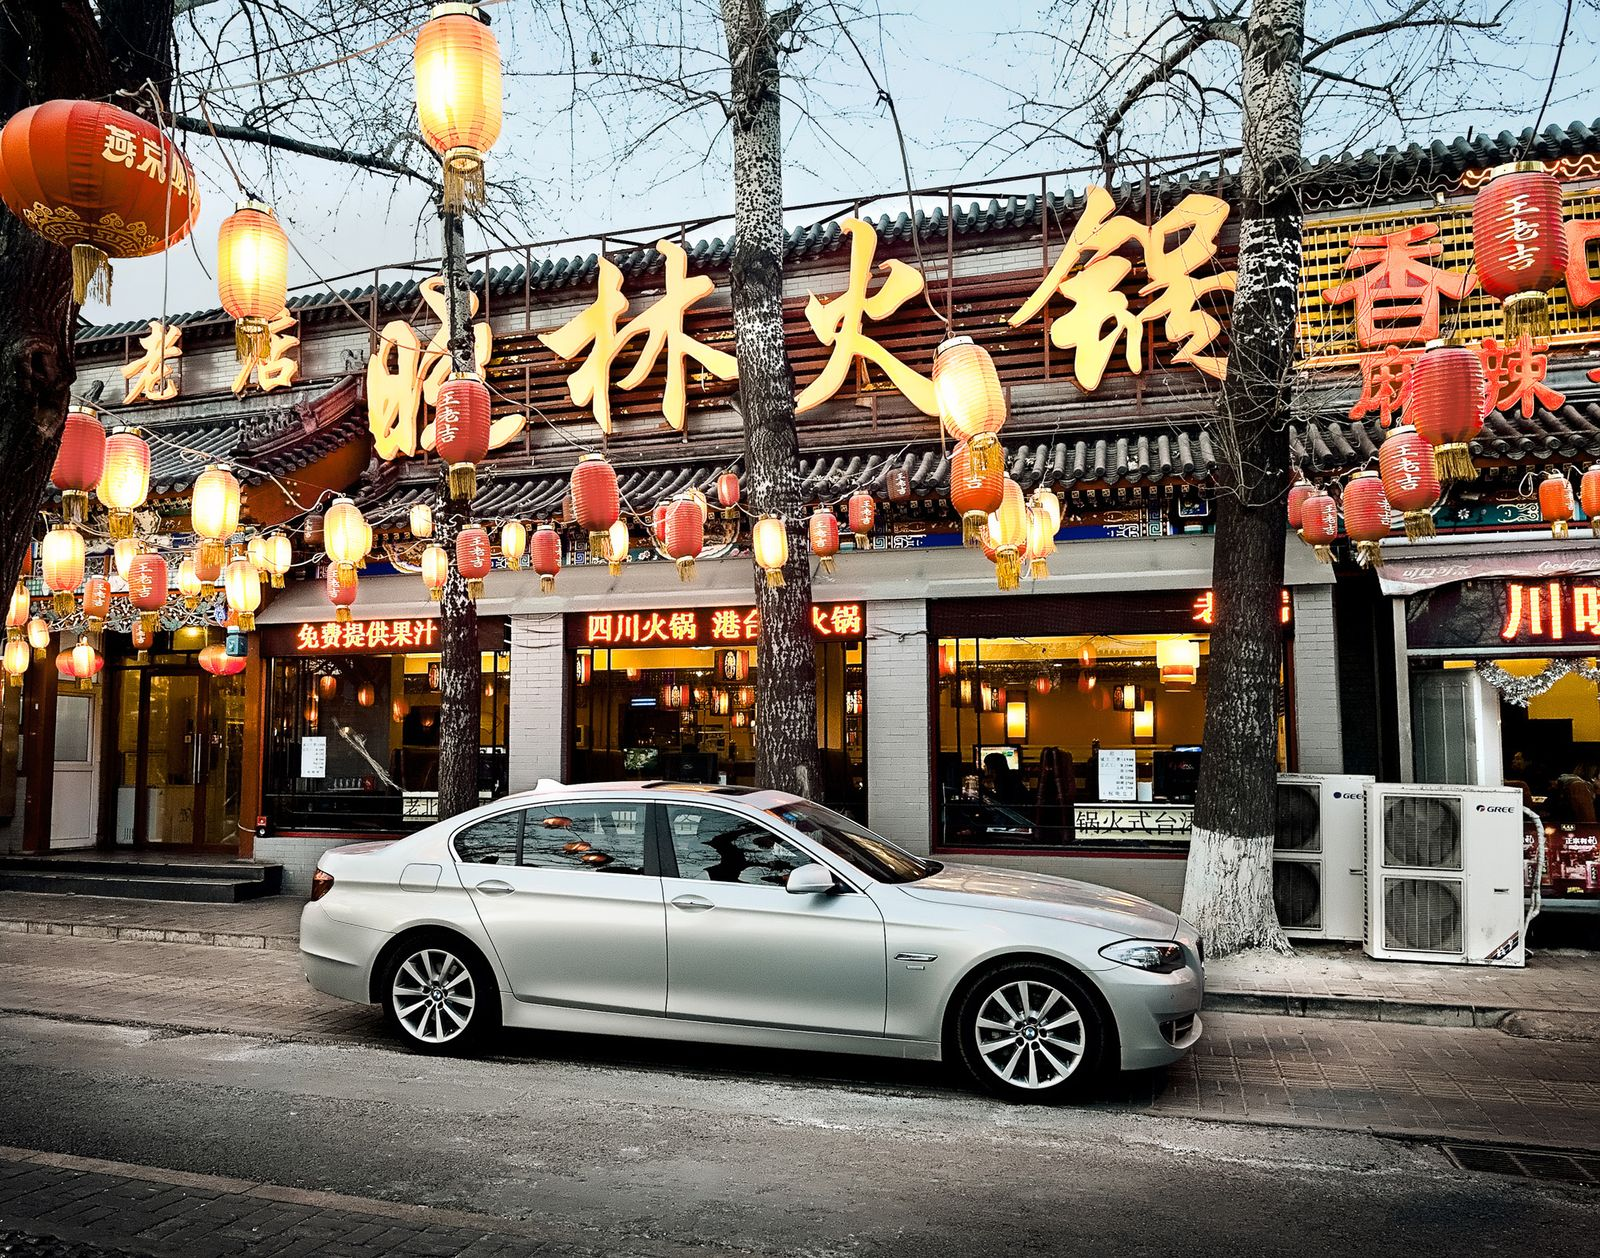 2011 / BMW / 5er / China